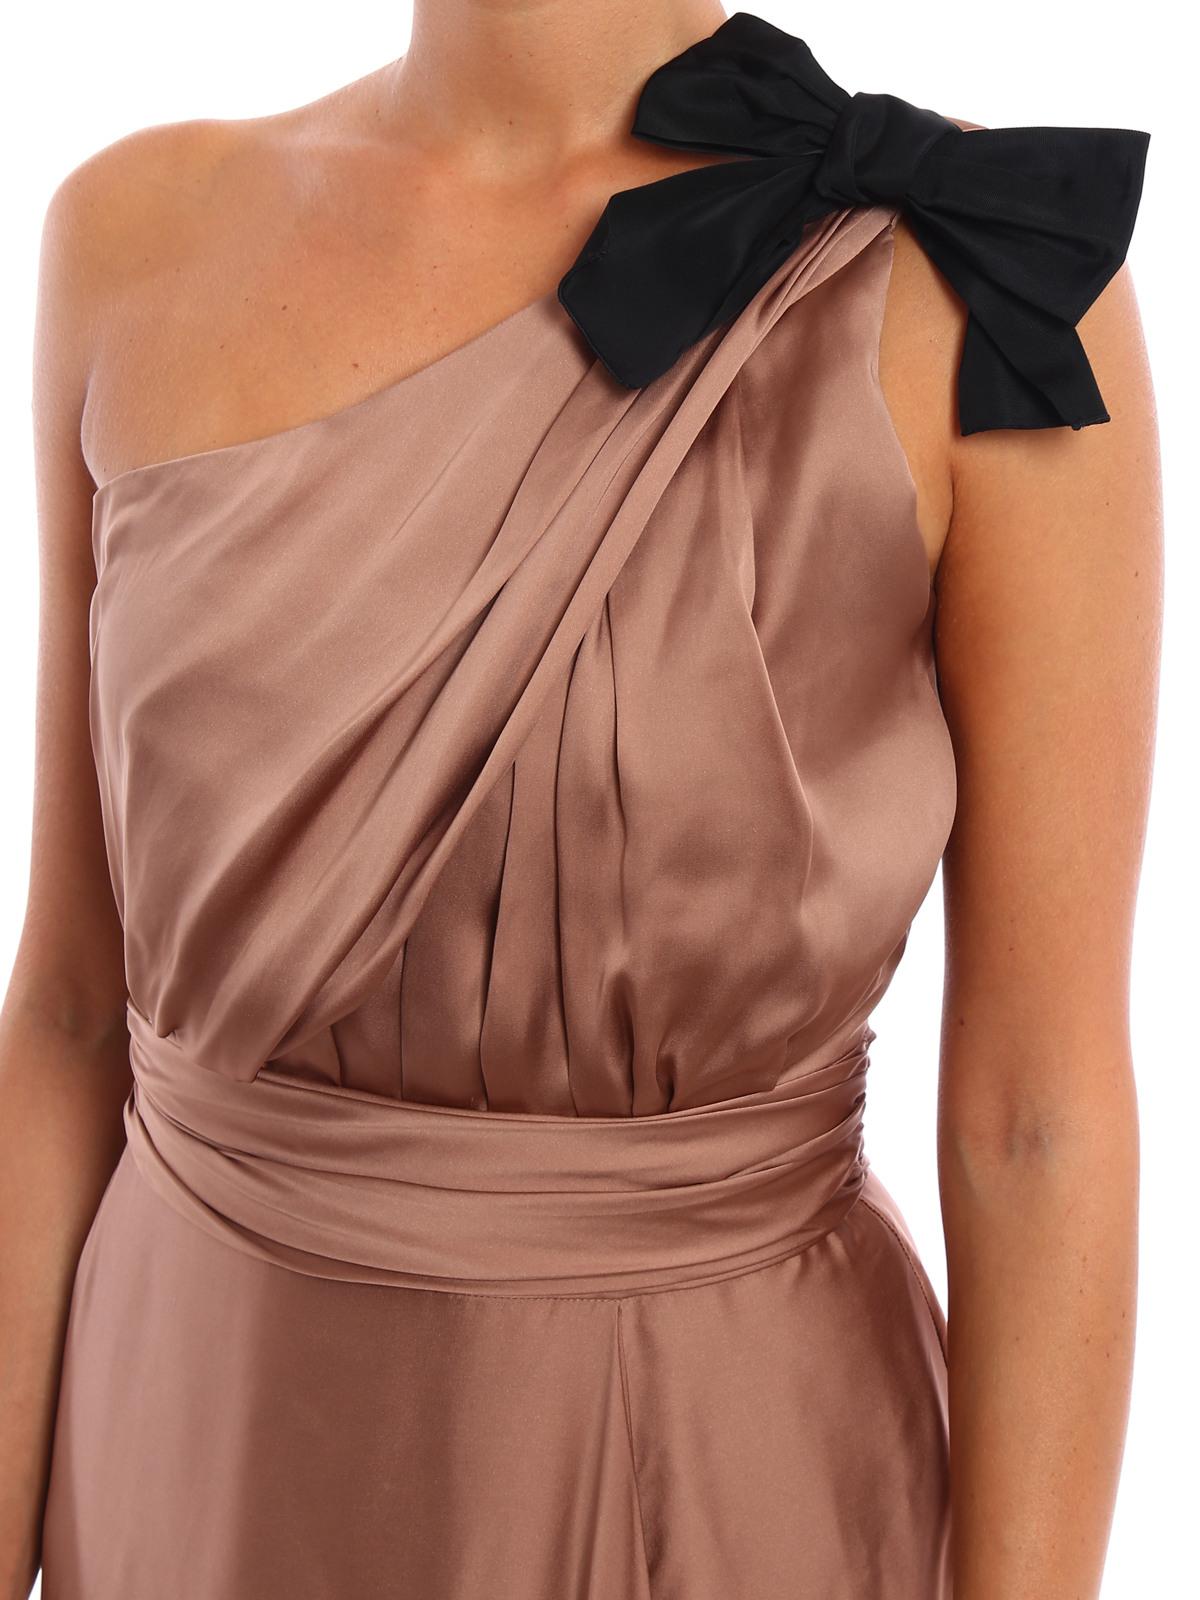 13 Coolste Max Mara Abendkleid GalerieFormal Luxurius Max Mara Abendkleid Bester Preis